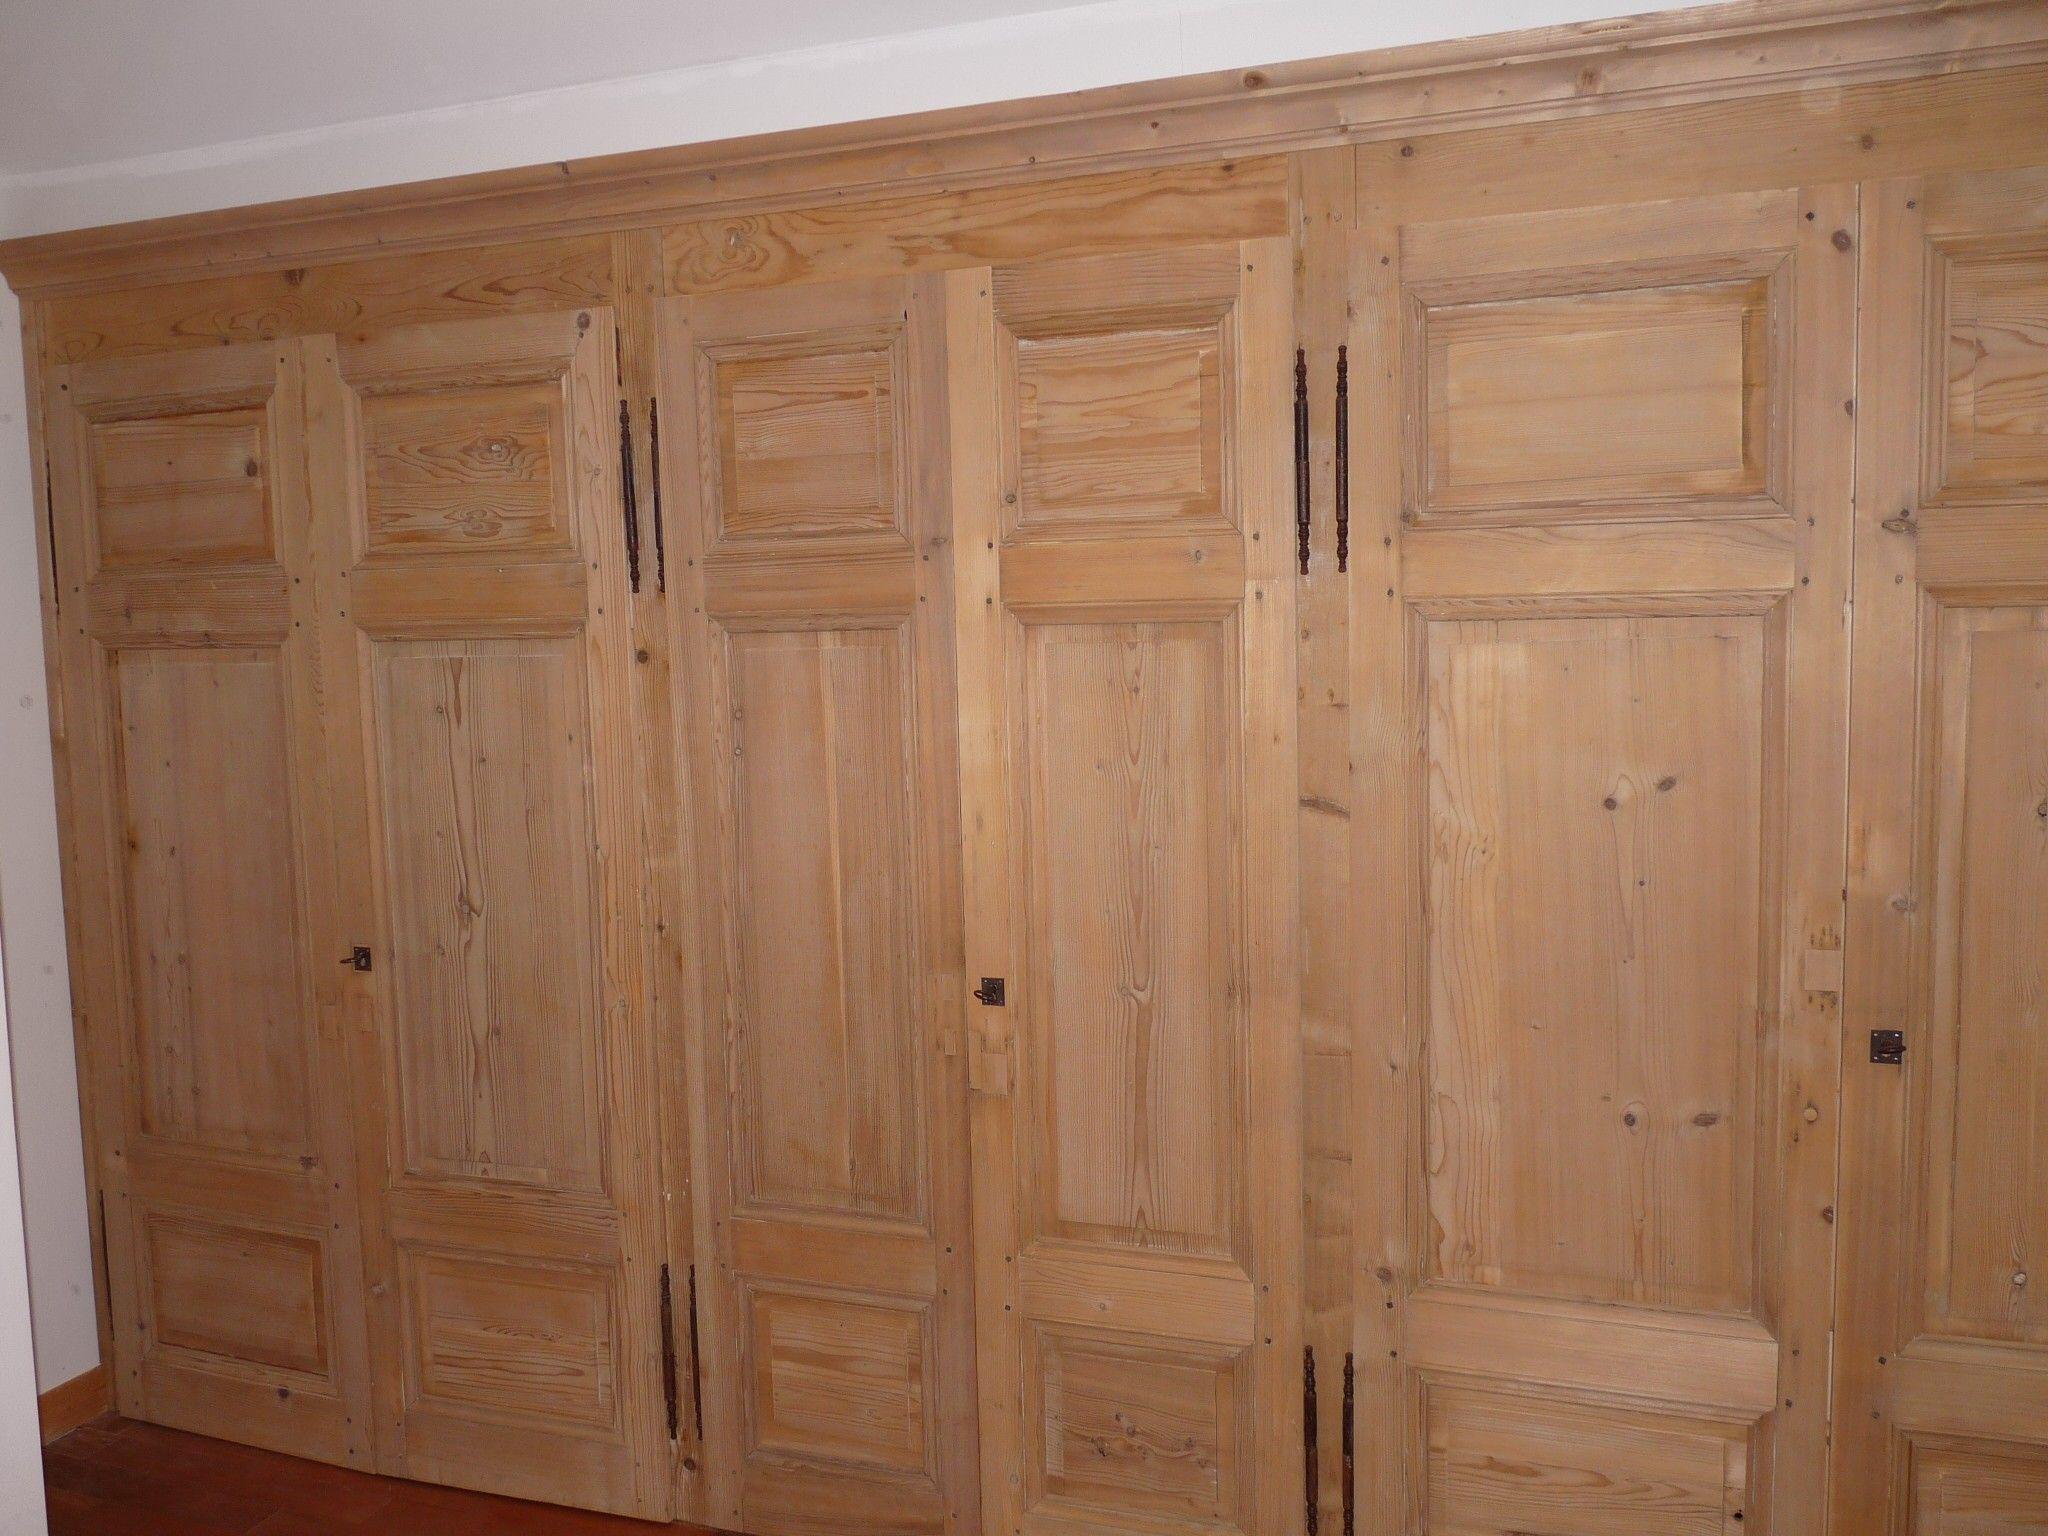 Il fallait fermer ce grand dressing, nous avons utilisé des portes anciennes que nous avons reconditionnées  afin de créer cet effet boiserie.